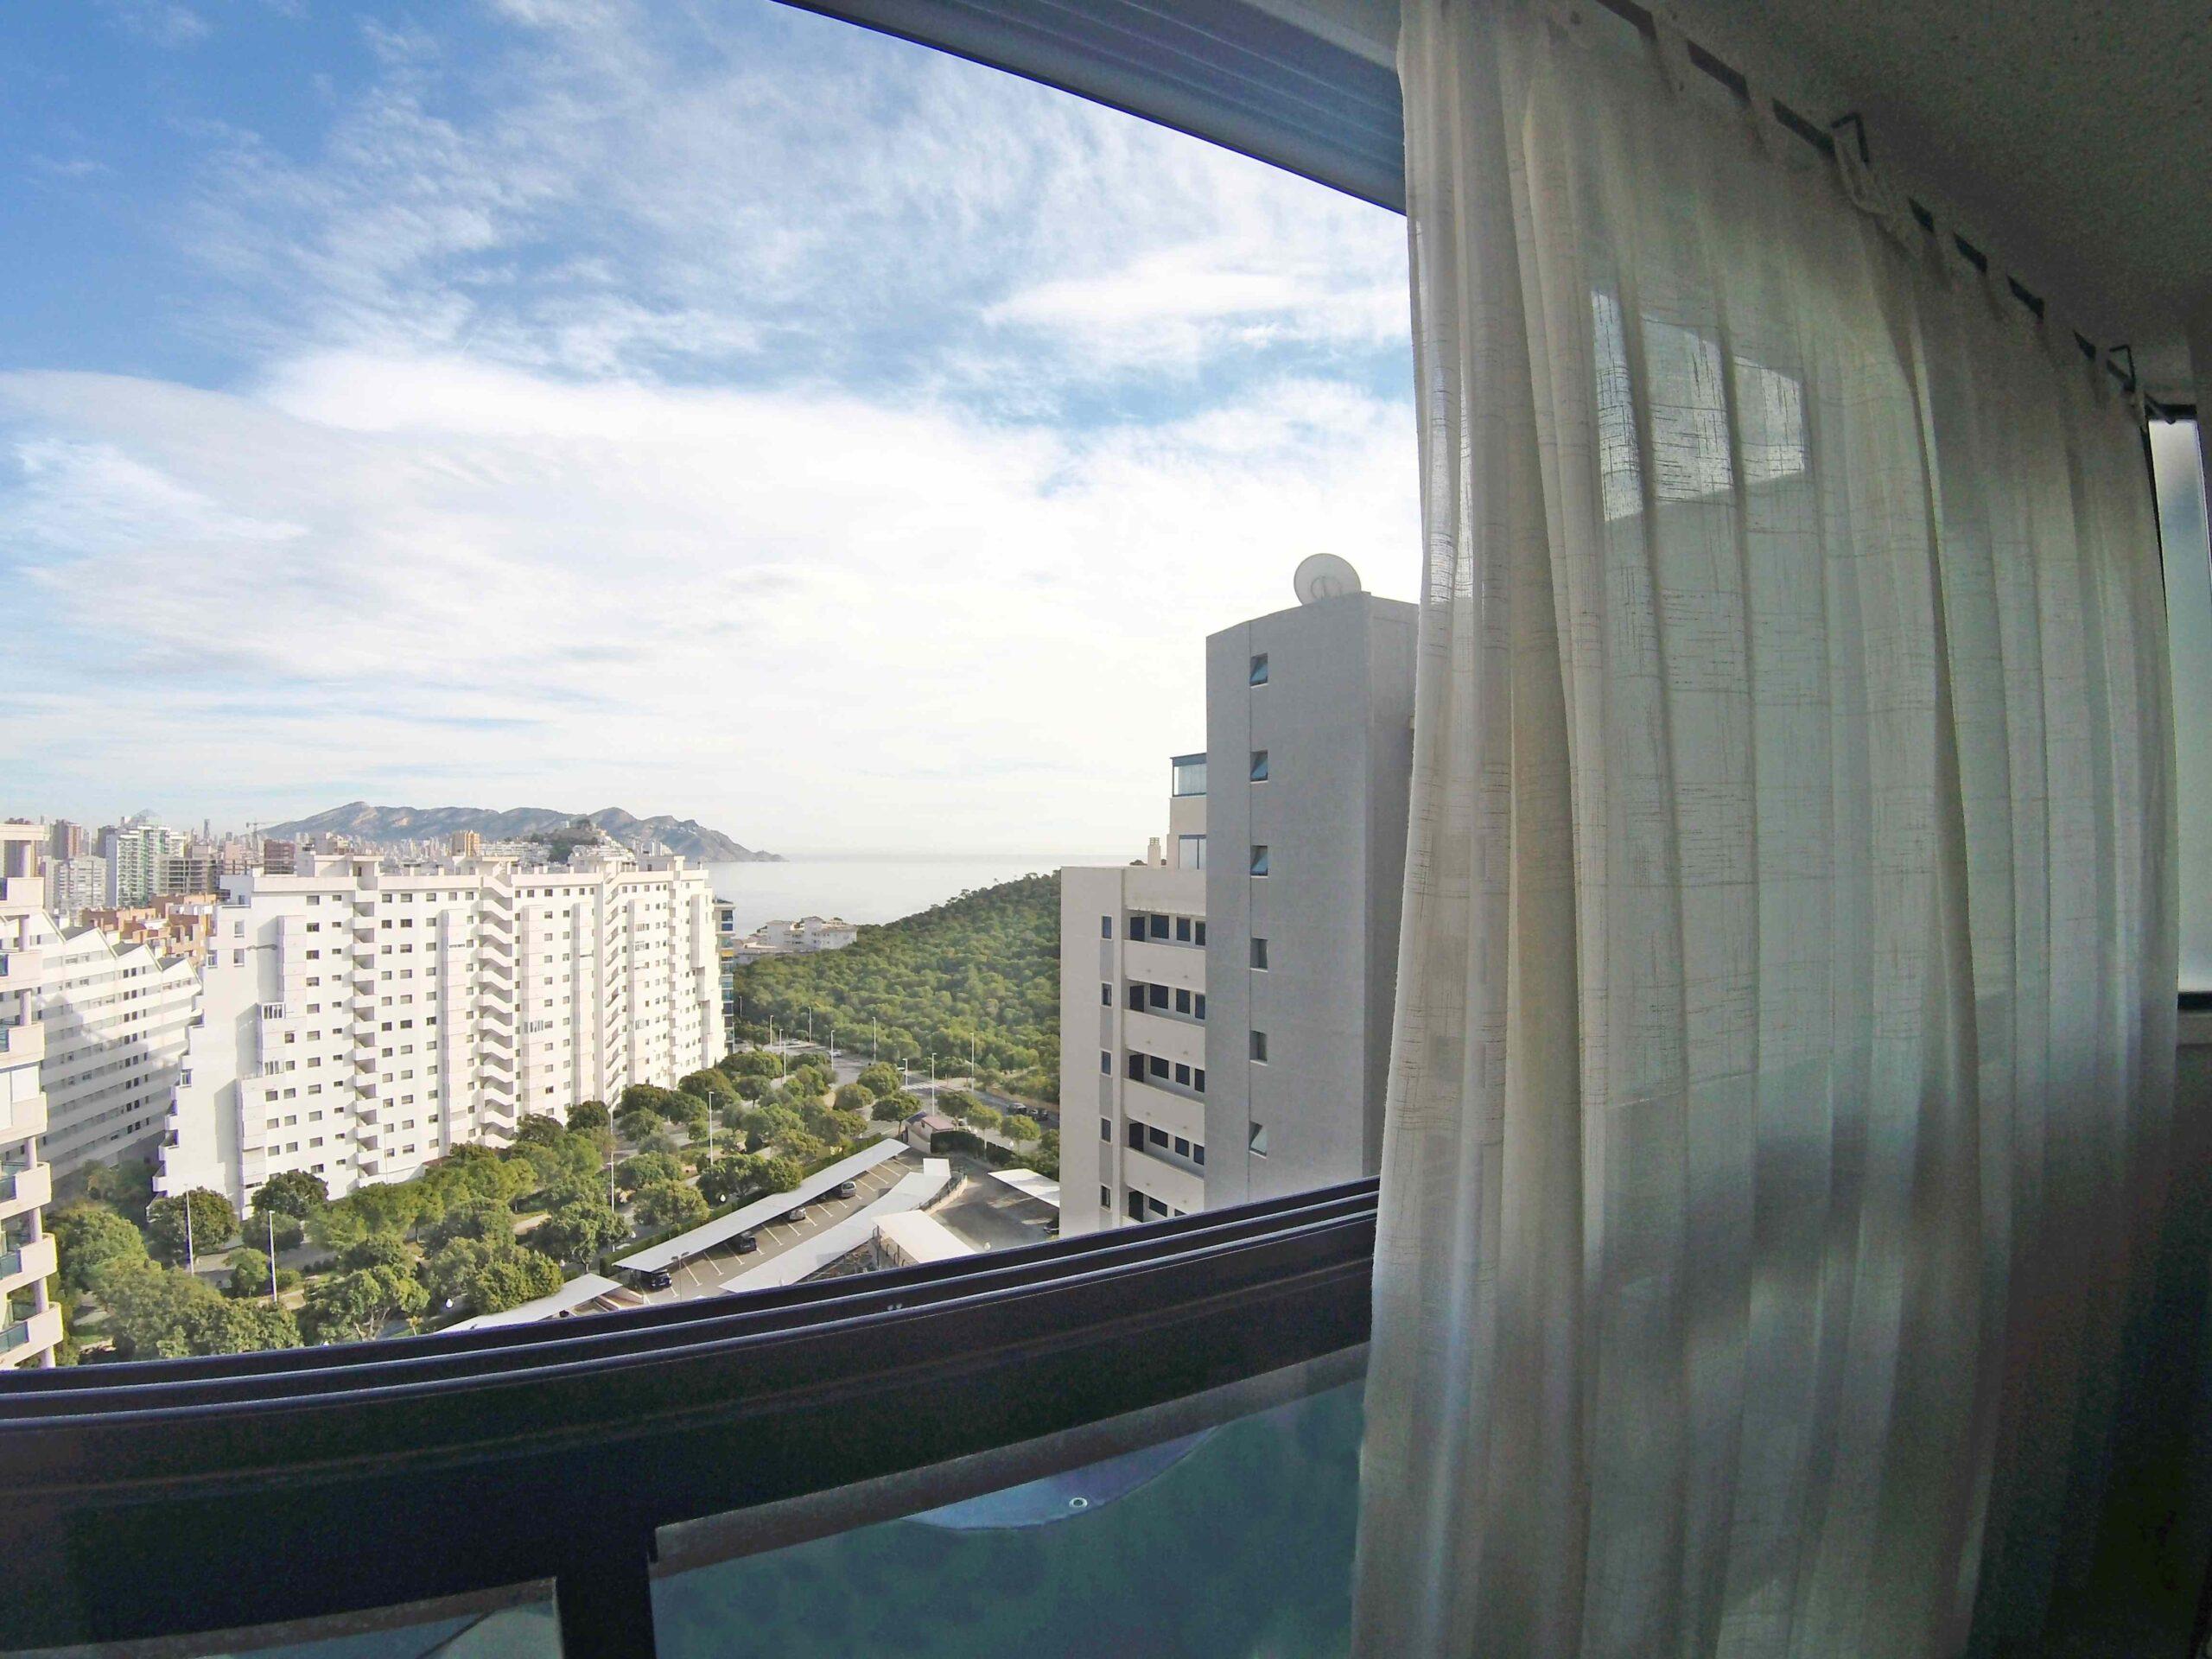 Bonito apartamento con vista al mar  situado a 500 metros de la playa! PD-19120